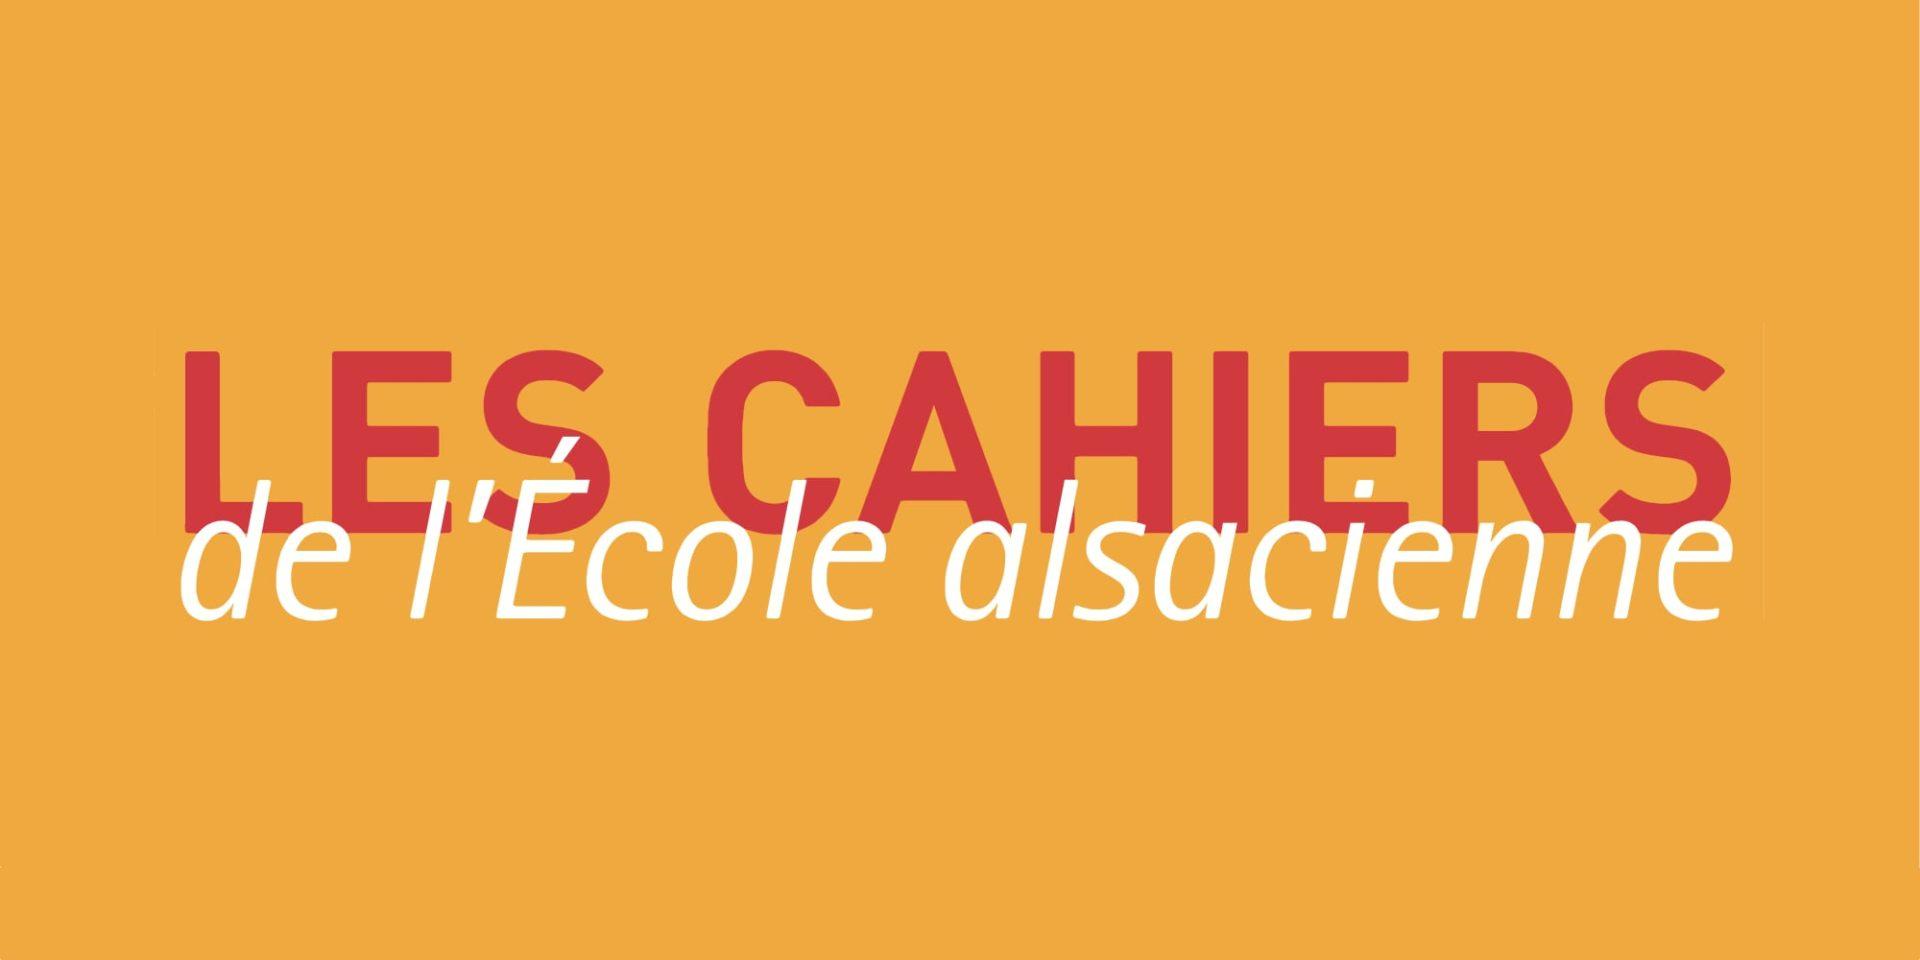 Les Cahiers de l'École alsacienne